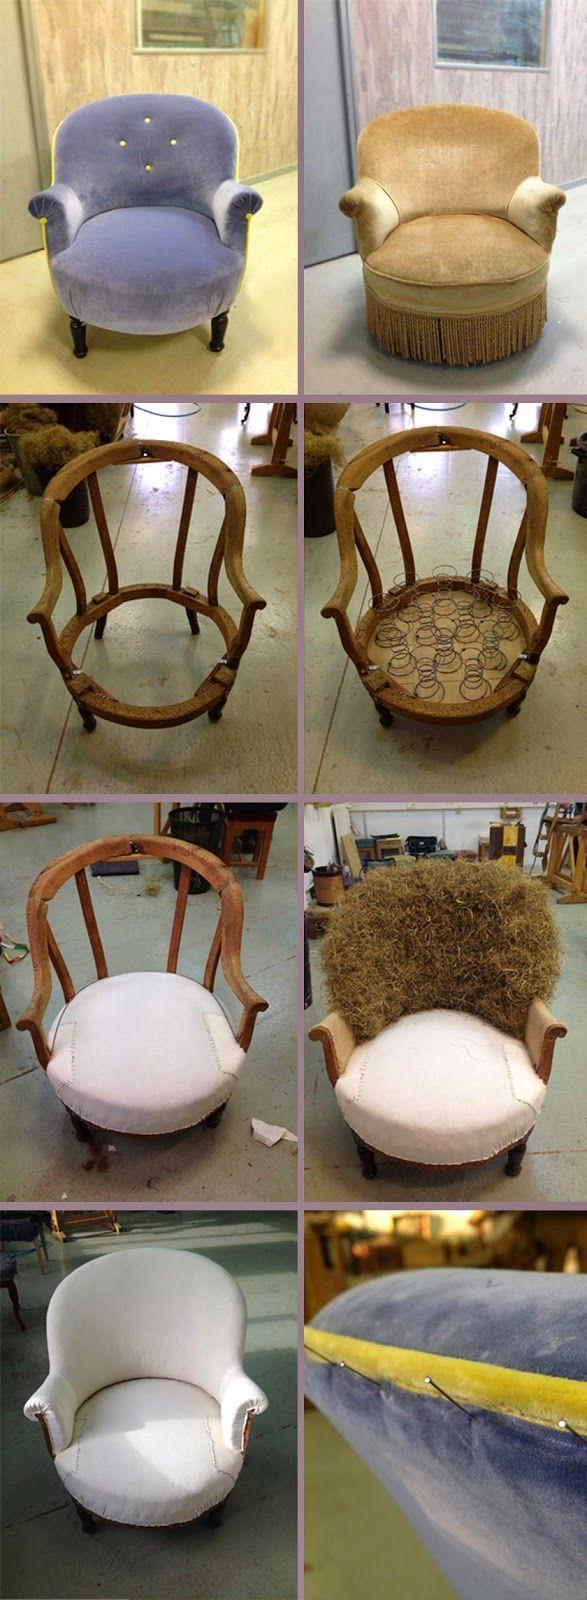 10 id es propos de restauration de meubles sur - Enlever la poussiere sur les meubles ...